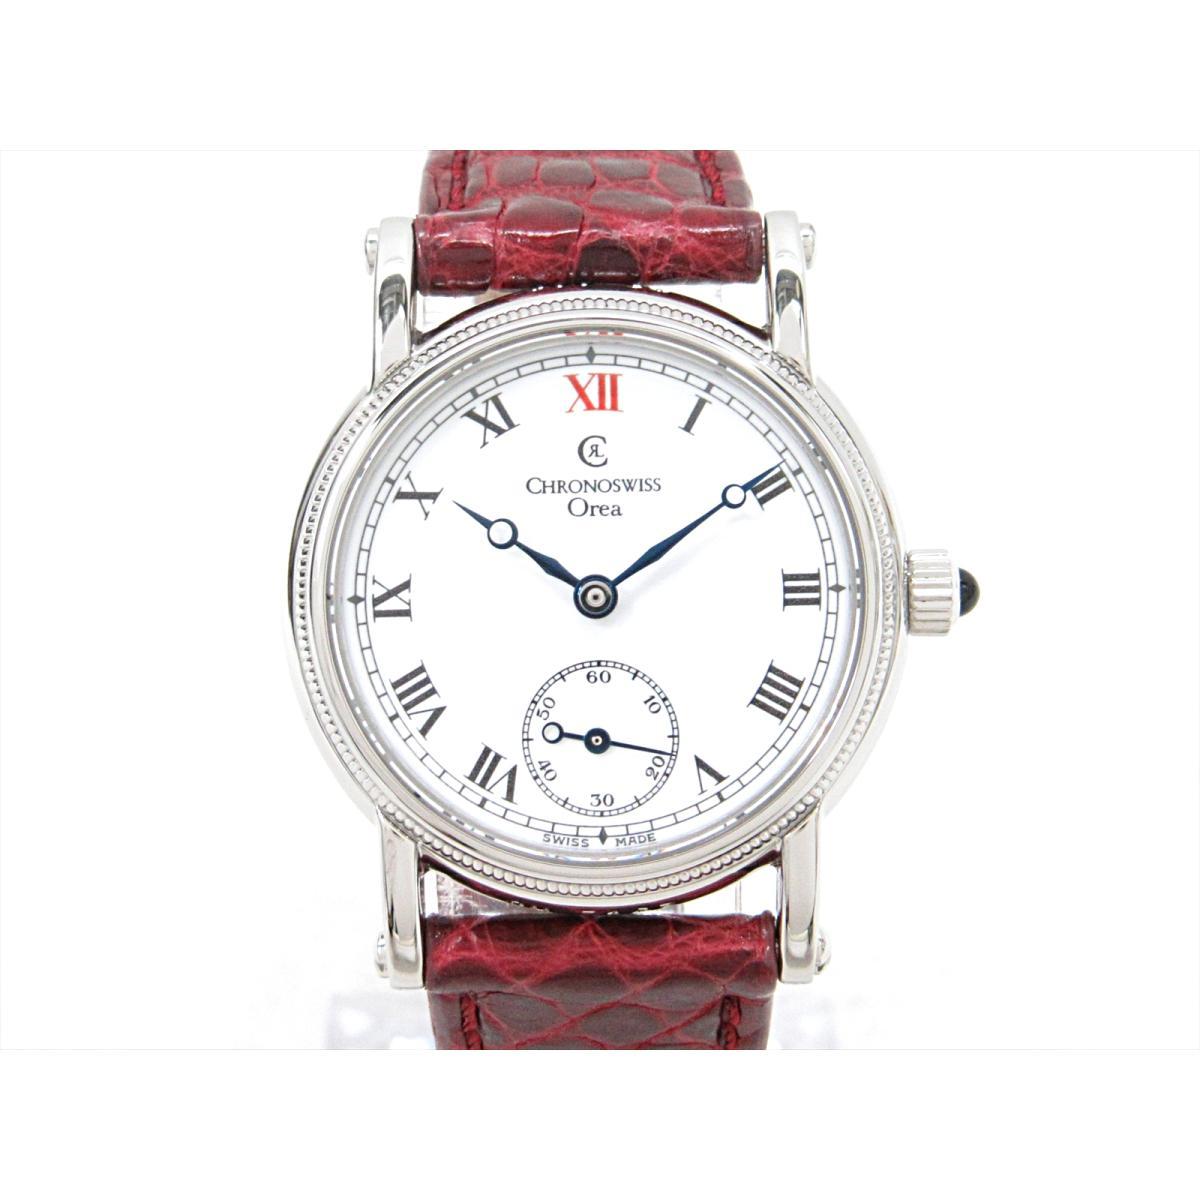 【最大24回無金利】 クロノスイス オレア 腕時計 ウォッチ 時計 レディース ステンレススチール (SS) xレザーベルト (社外品) (CH7163) 【中古】 | CHRONOSWISS BRANDOFF ブランドオフ ブランド ブランド時計 ブランド腕時計